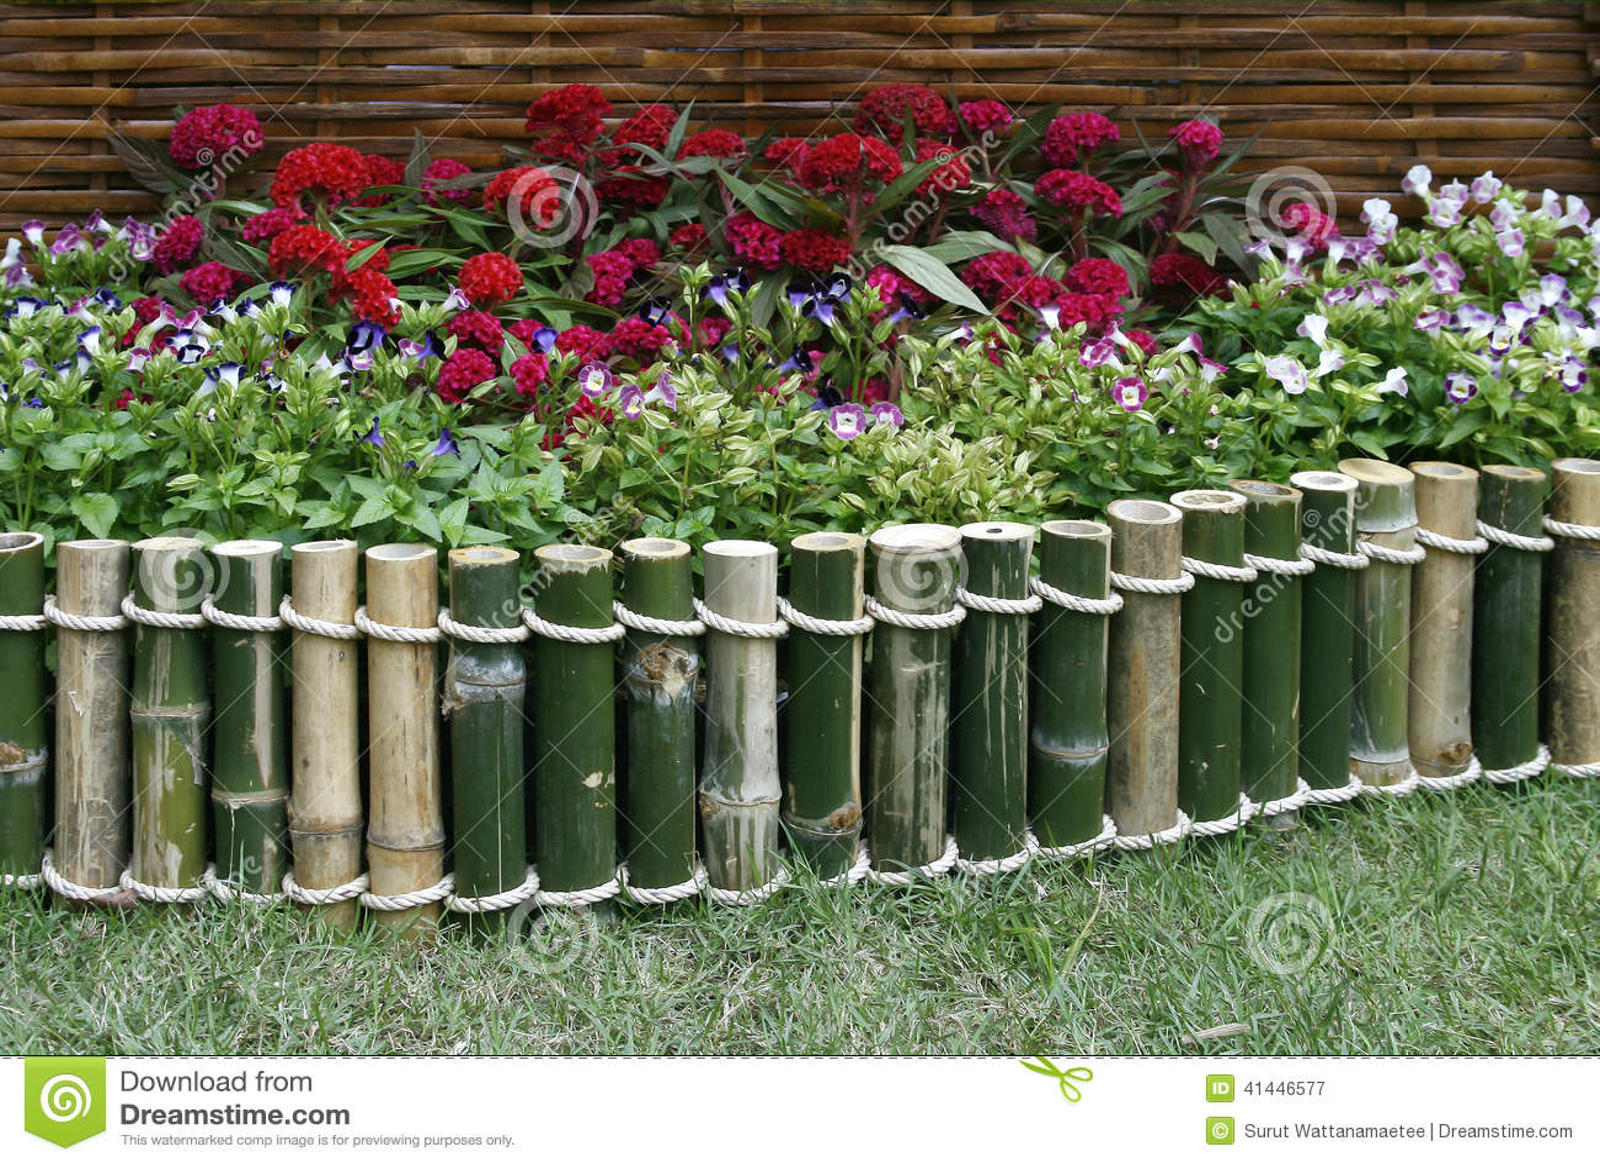 Fleurs Au-dessus De La Barrière En Bambou Image stock - Image du ...